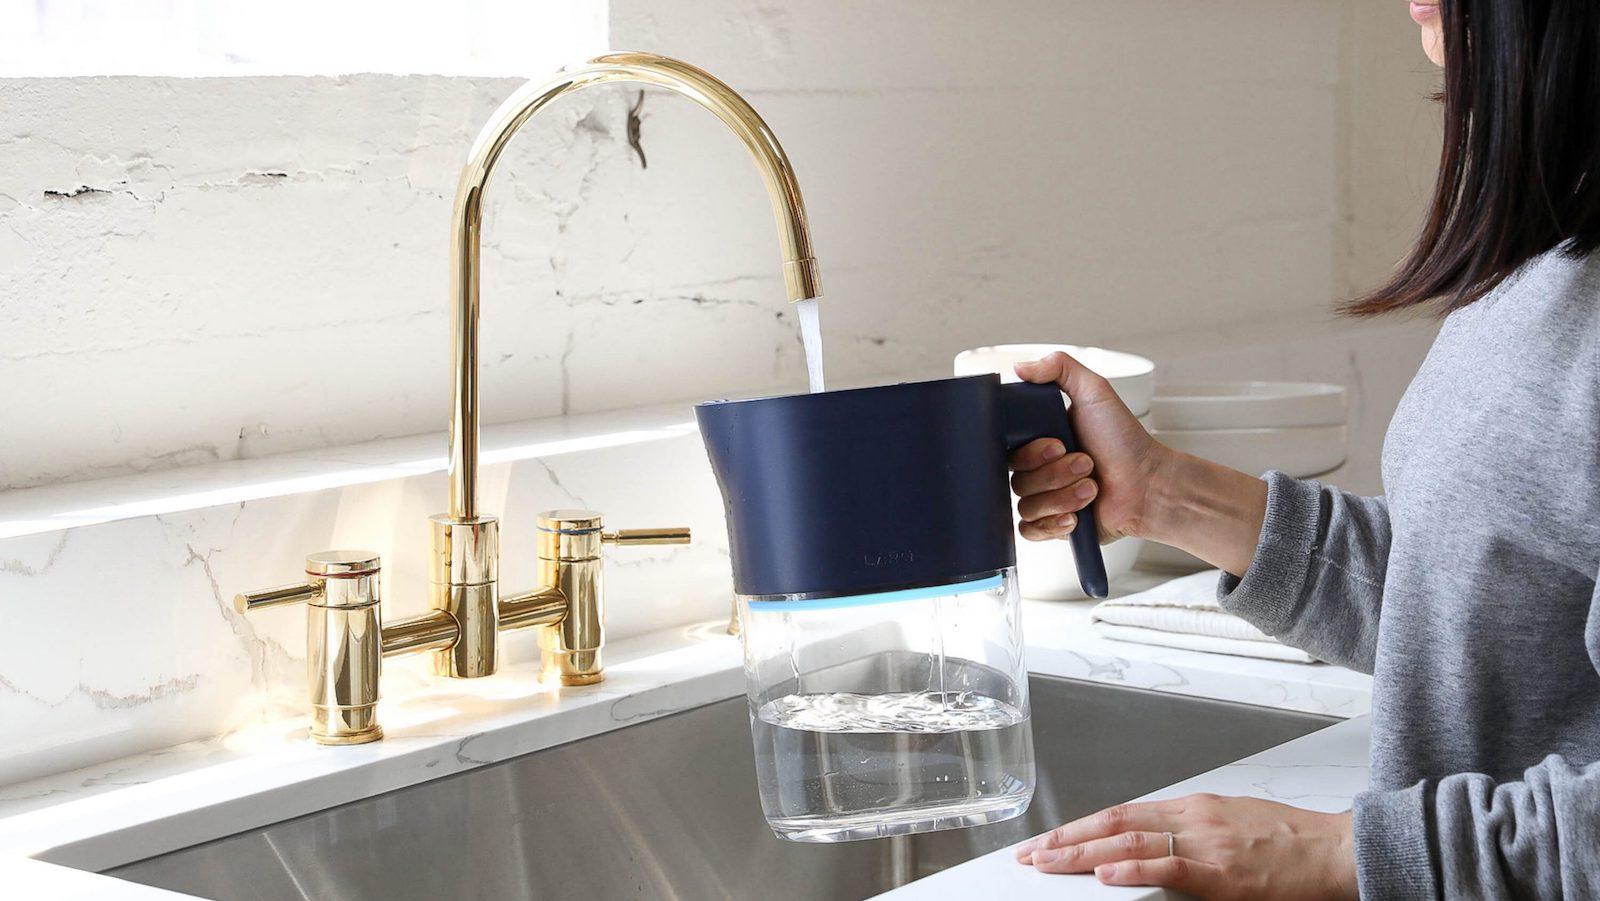 LARQ-Pitcher-PureVis-water-filter-jug-01.jpeg